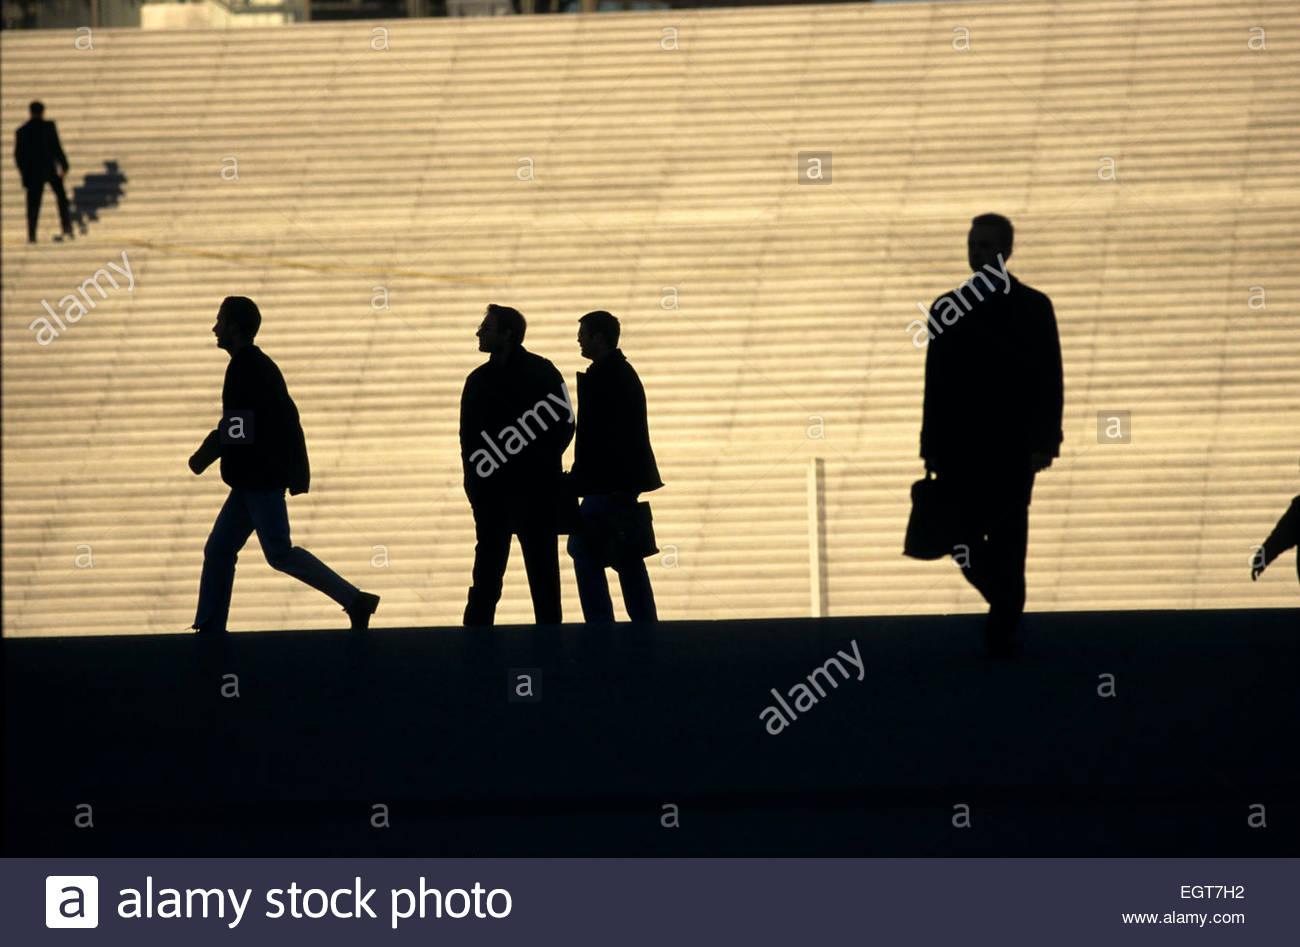 France, Ile-de-France, Paris, Grande Arche de la Defense, businessmen - Stock Image